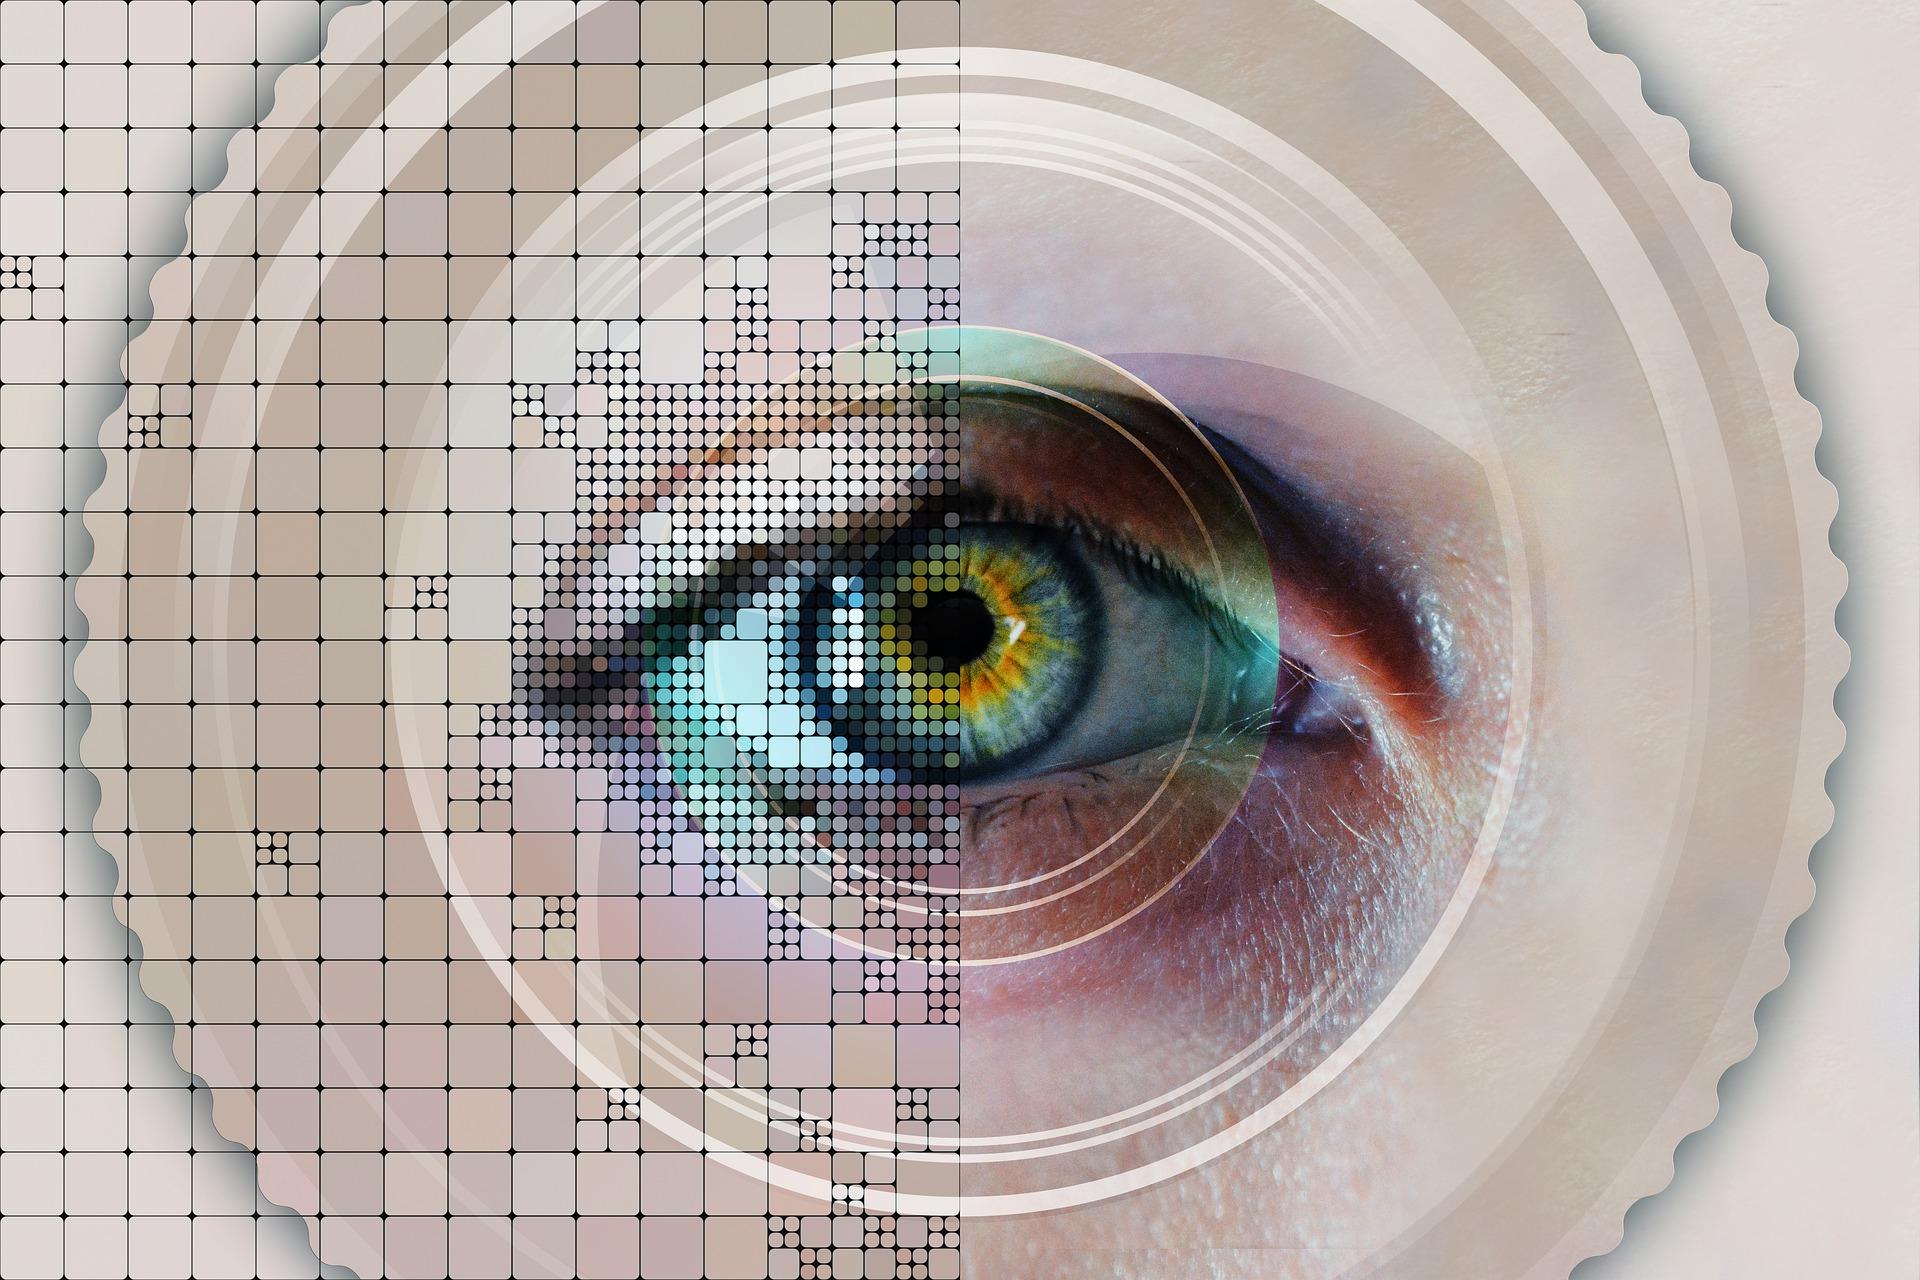 DALL'AUTORITA' PER LA PROTEZIONE DEI DATI DELLA SLOVENIA: Il Sistema Di Polizia Face Trace Si Basa Sul Trattamento Biometrico Dei Dati Personali, Ma Non Ne Consente L'identificazione